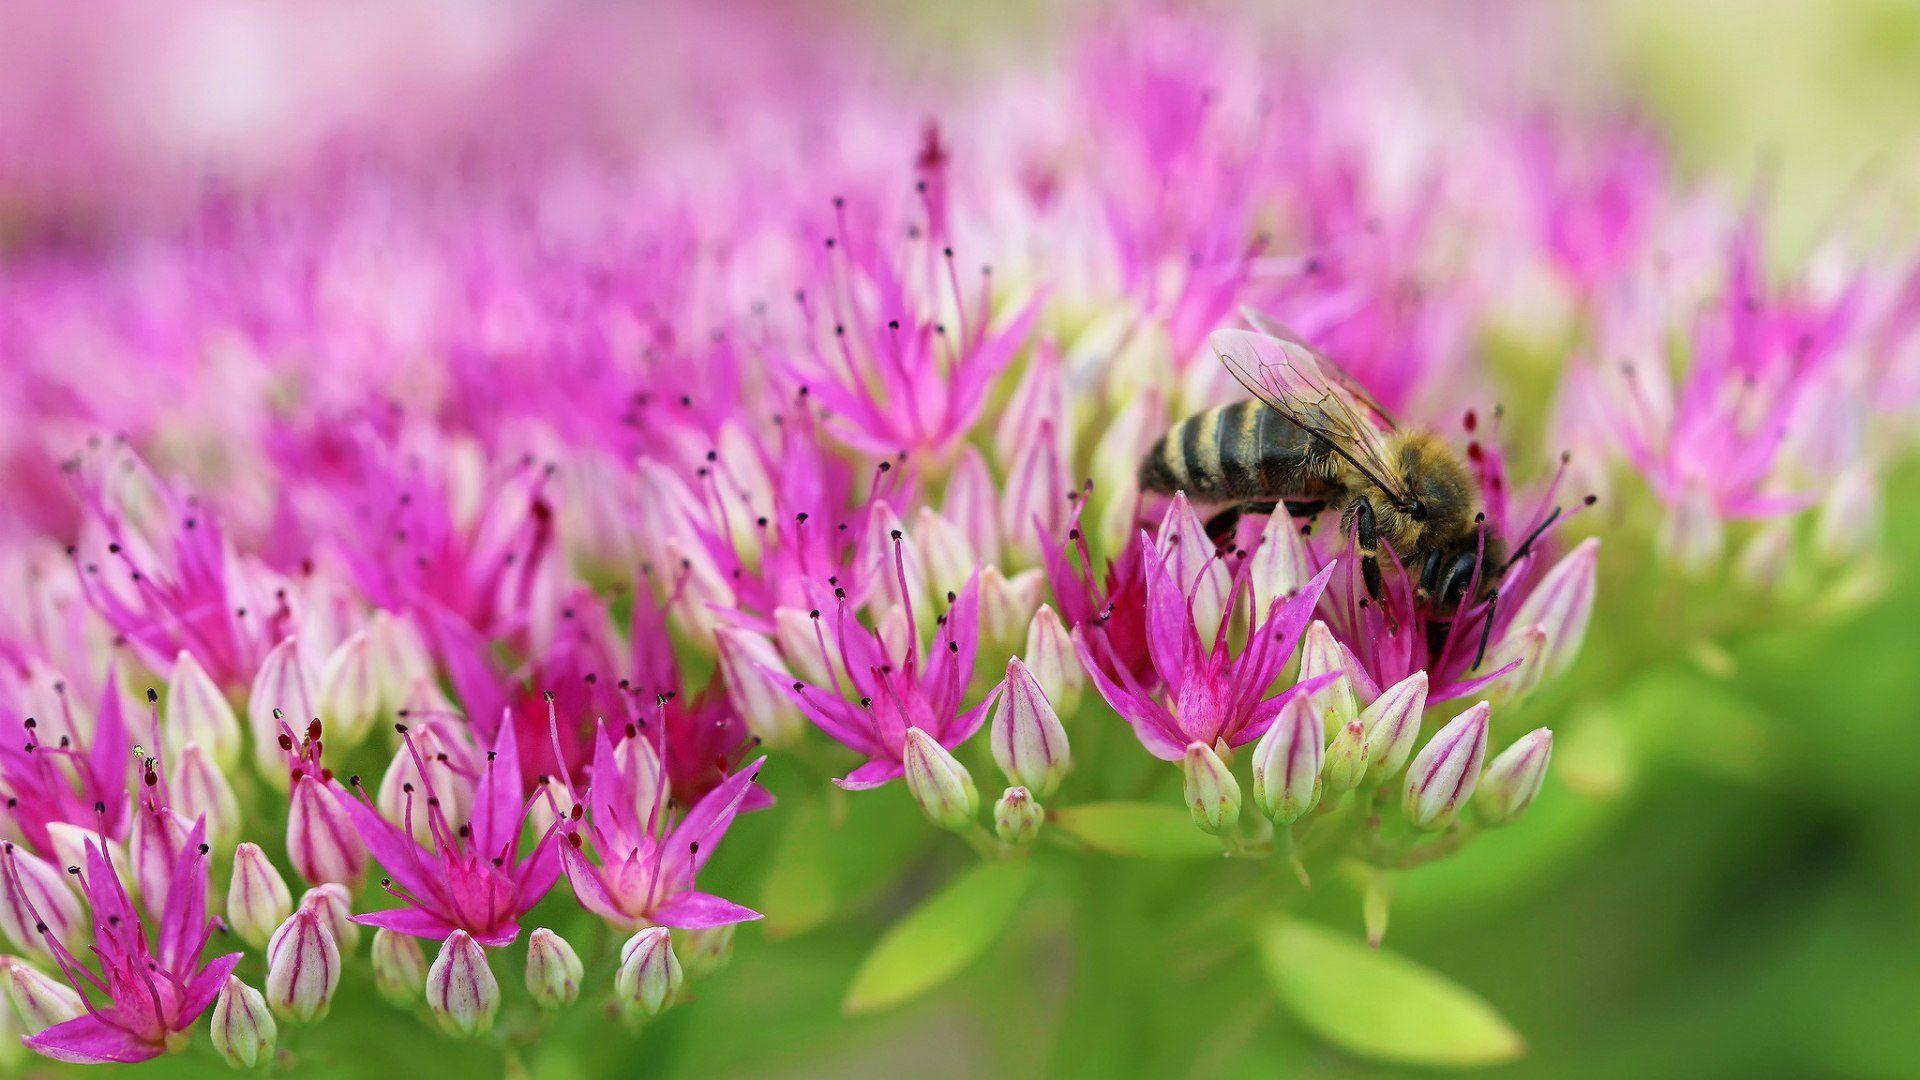 пчела цветы розовые flowers pink bee  № 910735 загрузить